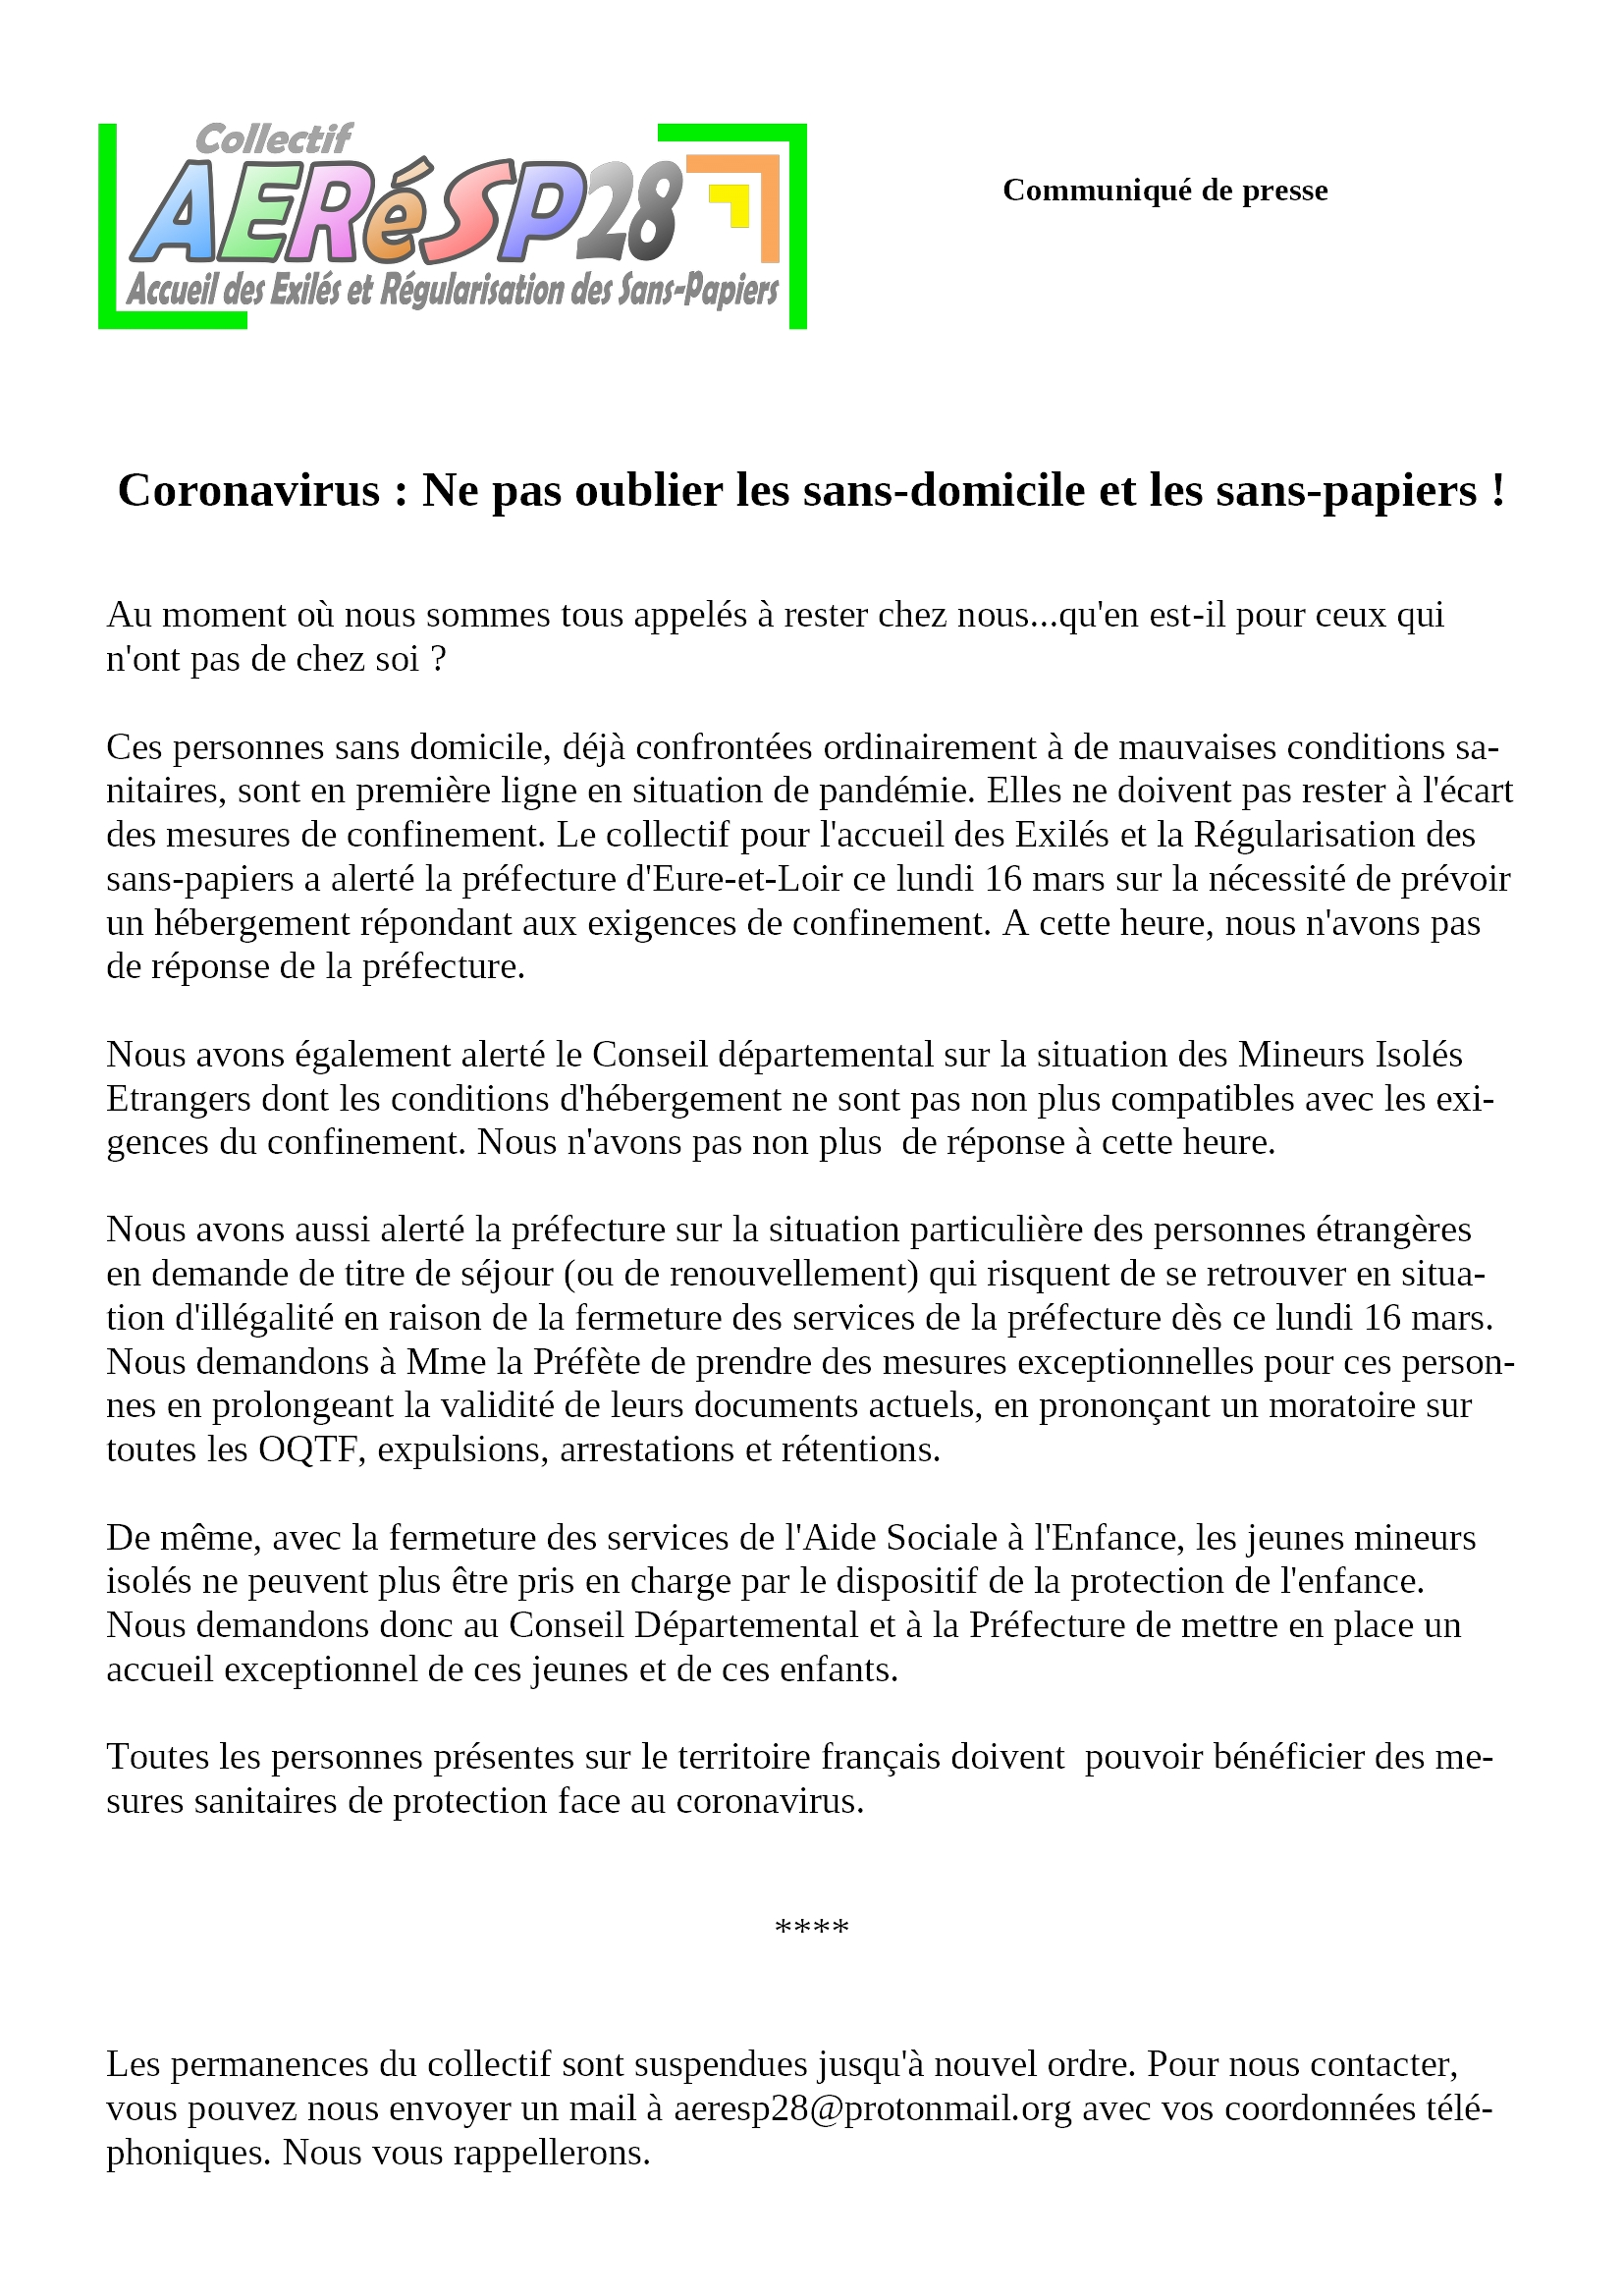 Communiqué AERéSP Covid-19 Sans-domicile Sans-papiers 16-03-2020